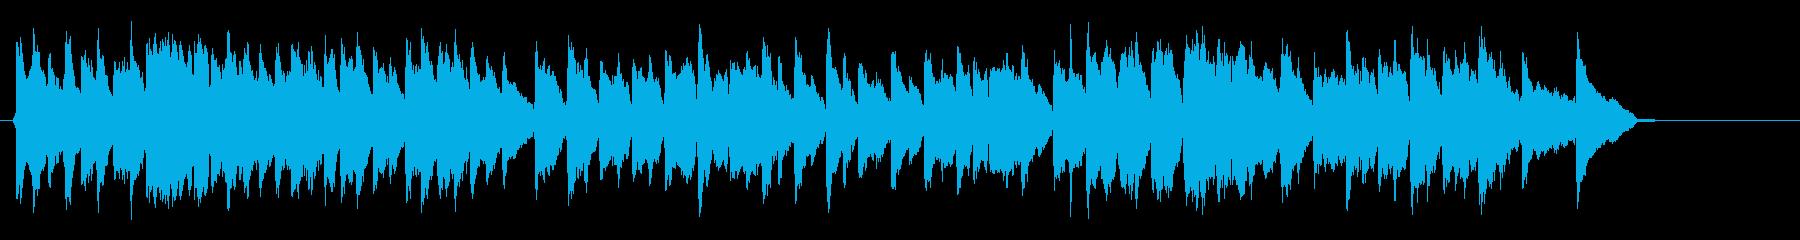 民謡 May Song をヴァイオリンでの再生済みの波形